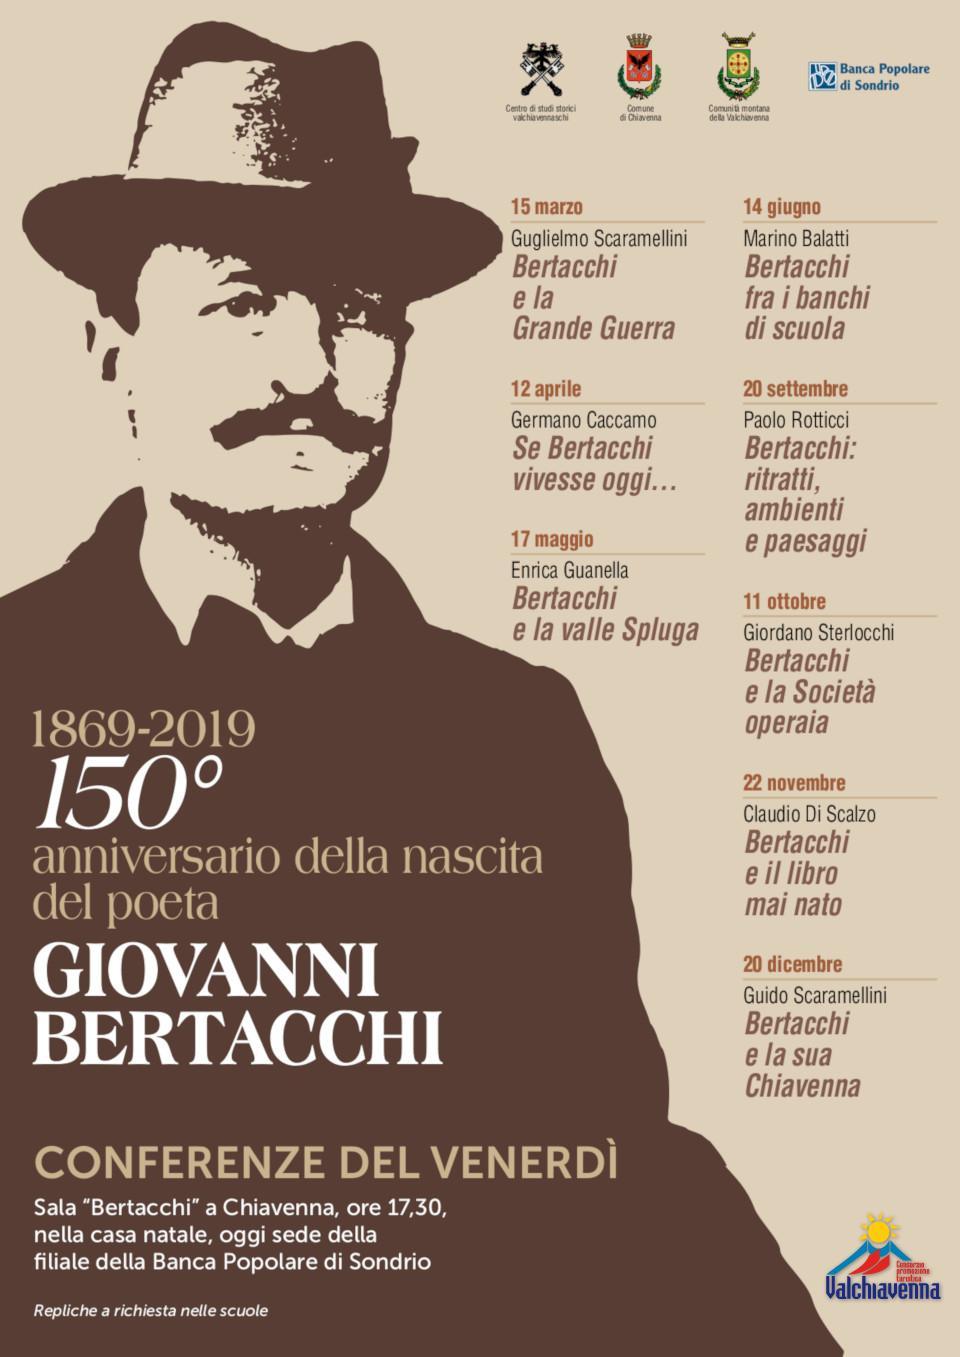 150° ANNIVERSARIO DELLA NASCITA DI GIOVANNI BERTACCHI